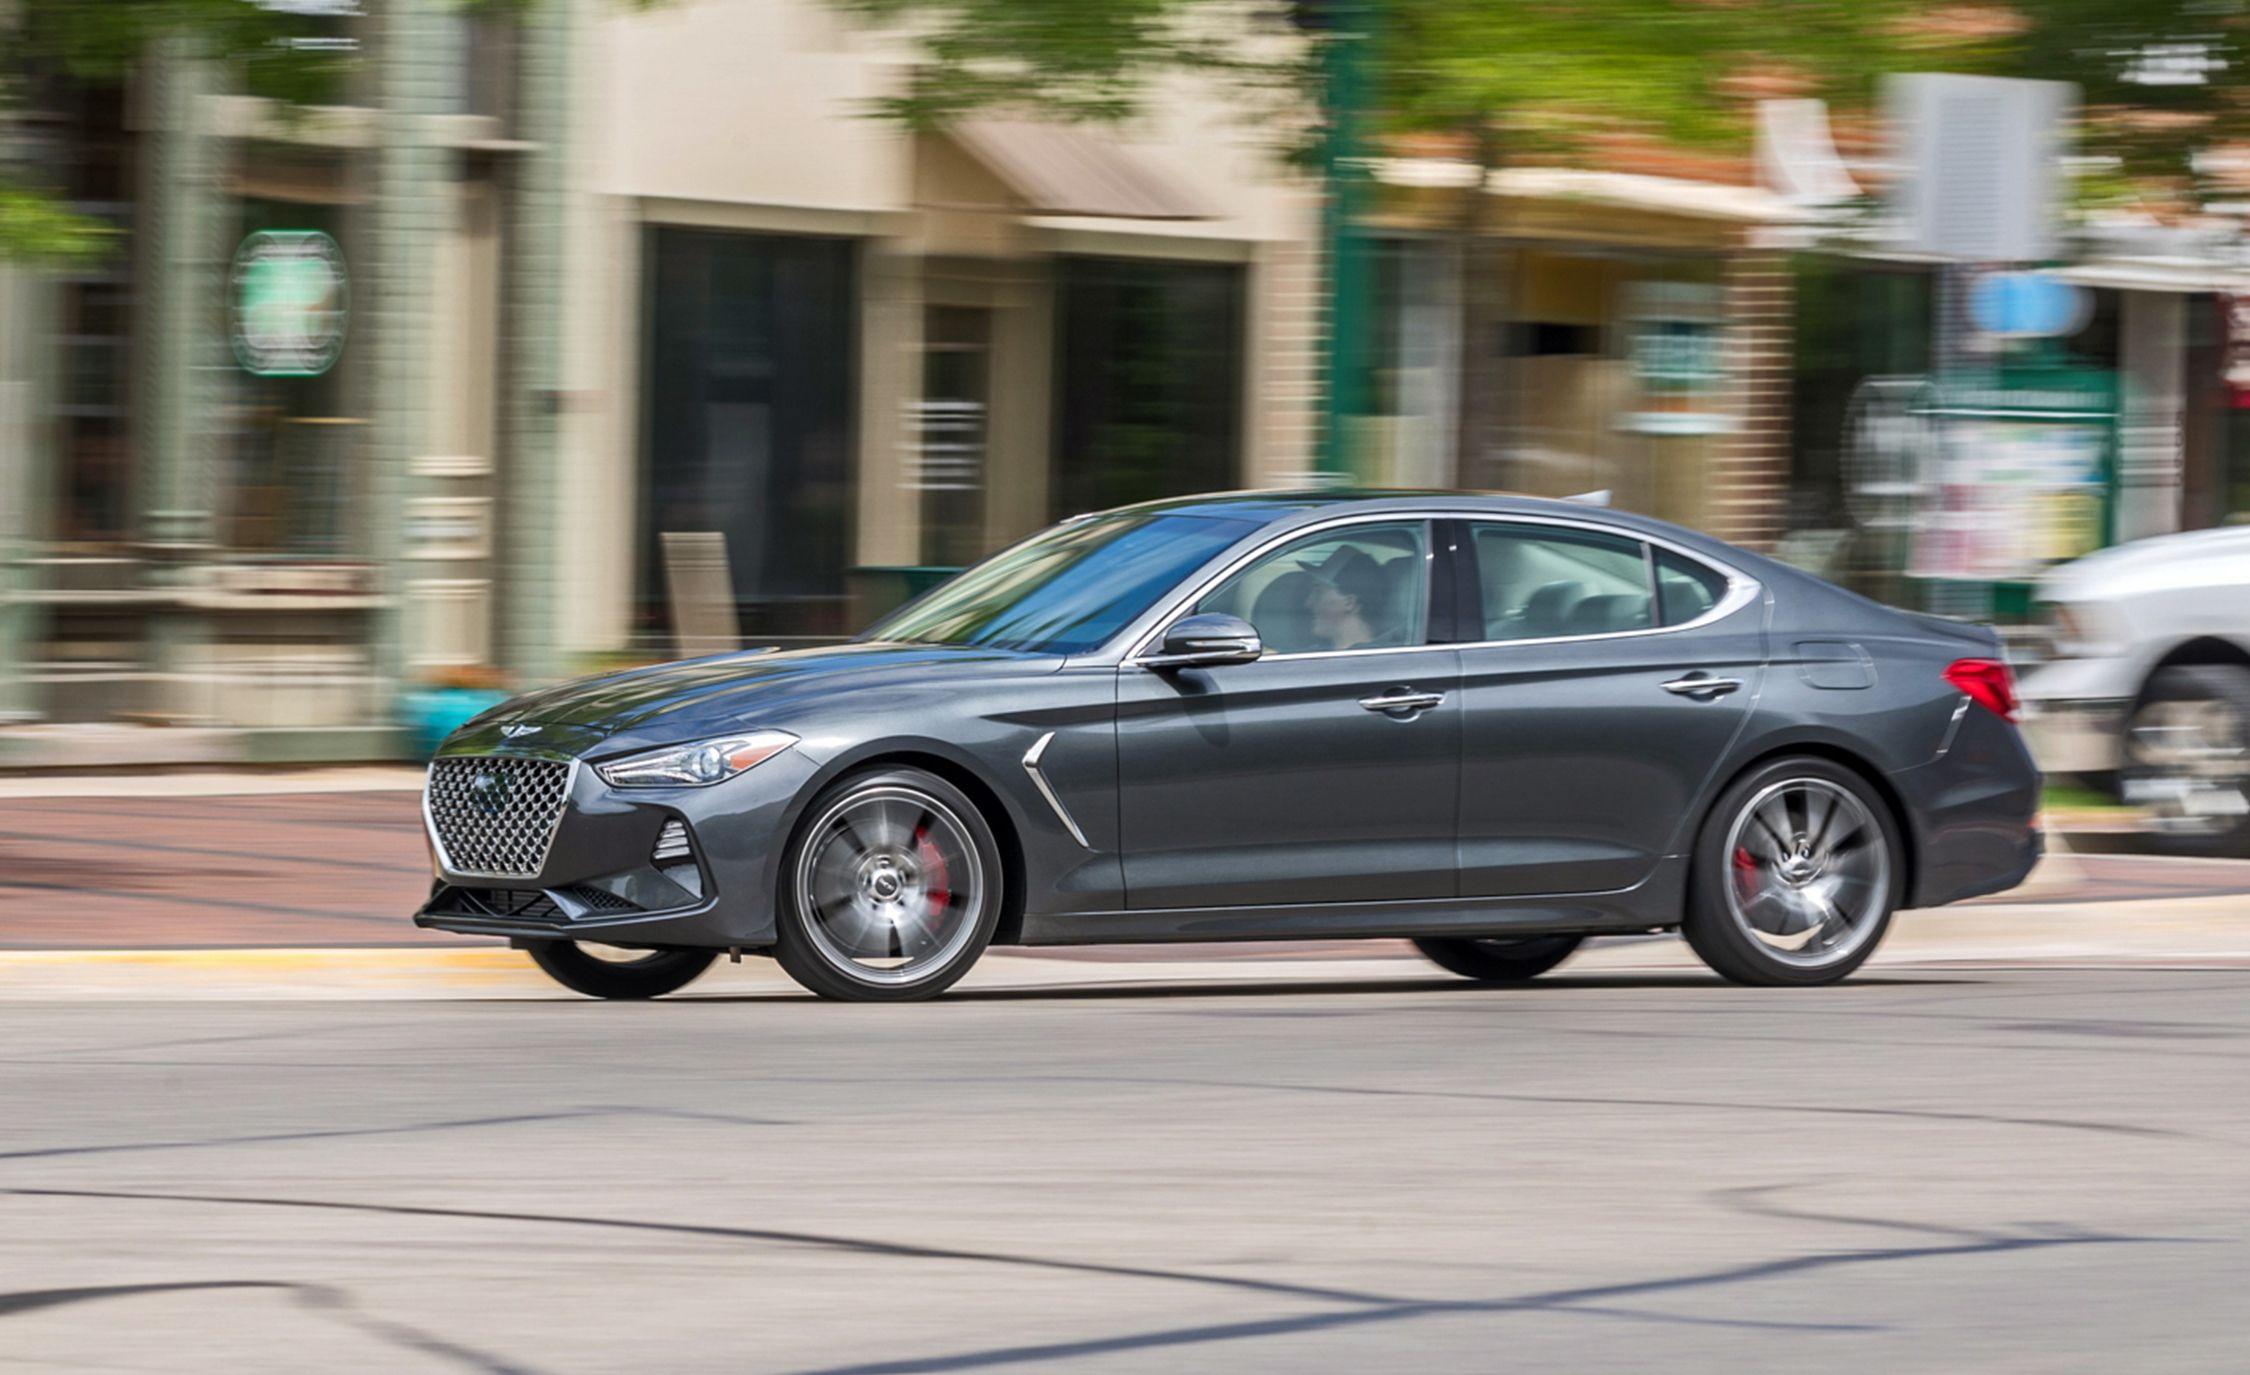 The 2019 Genesis G70 2.0T Manual Falls Just Shy of Sports-Sedan Legitimacy